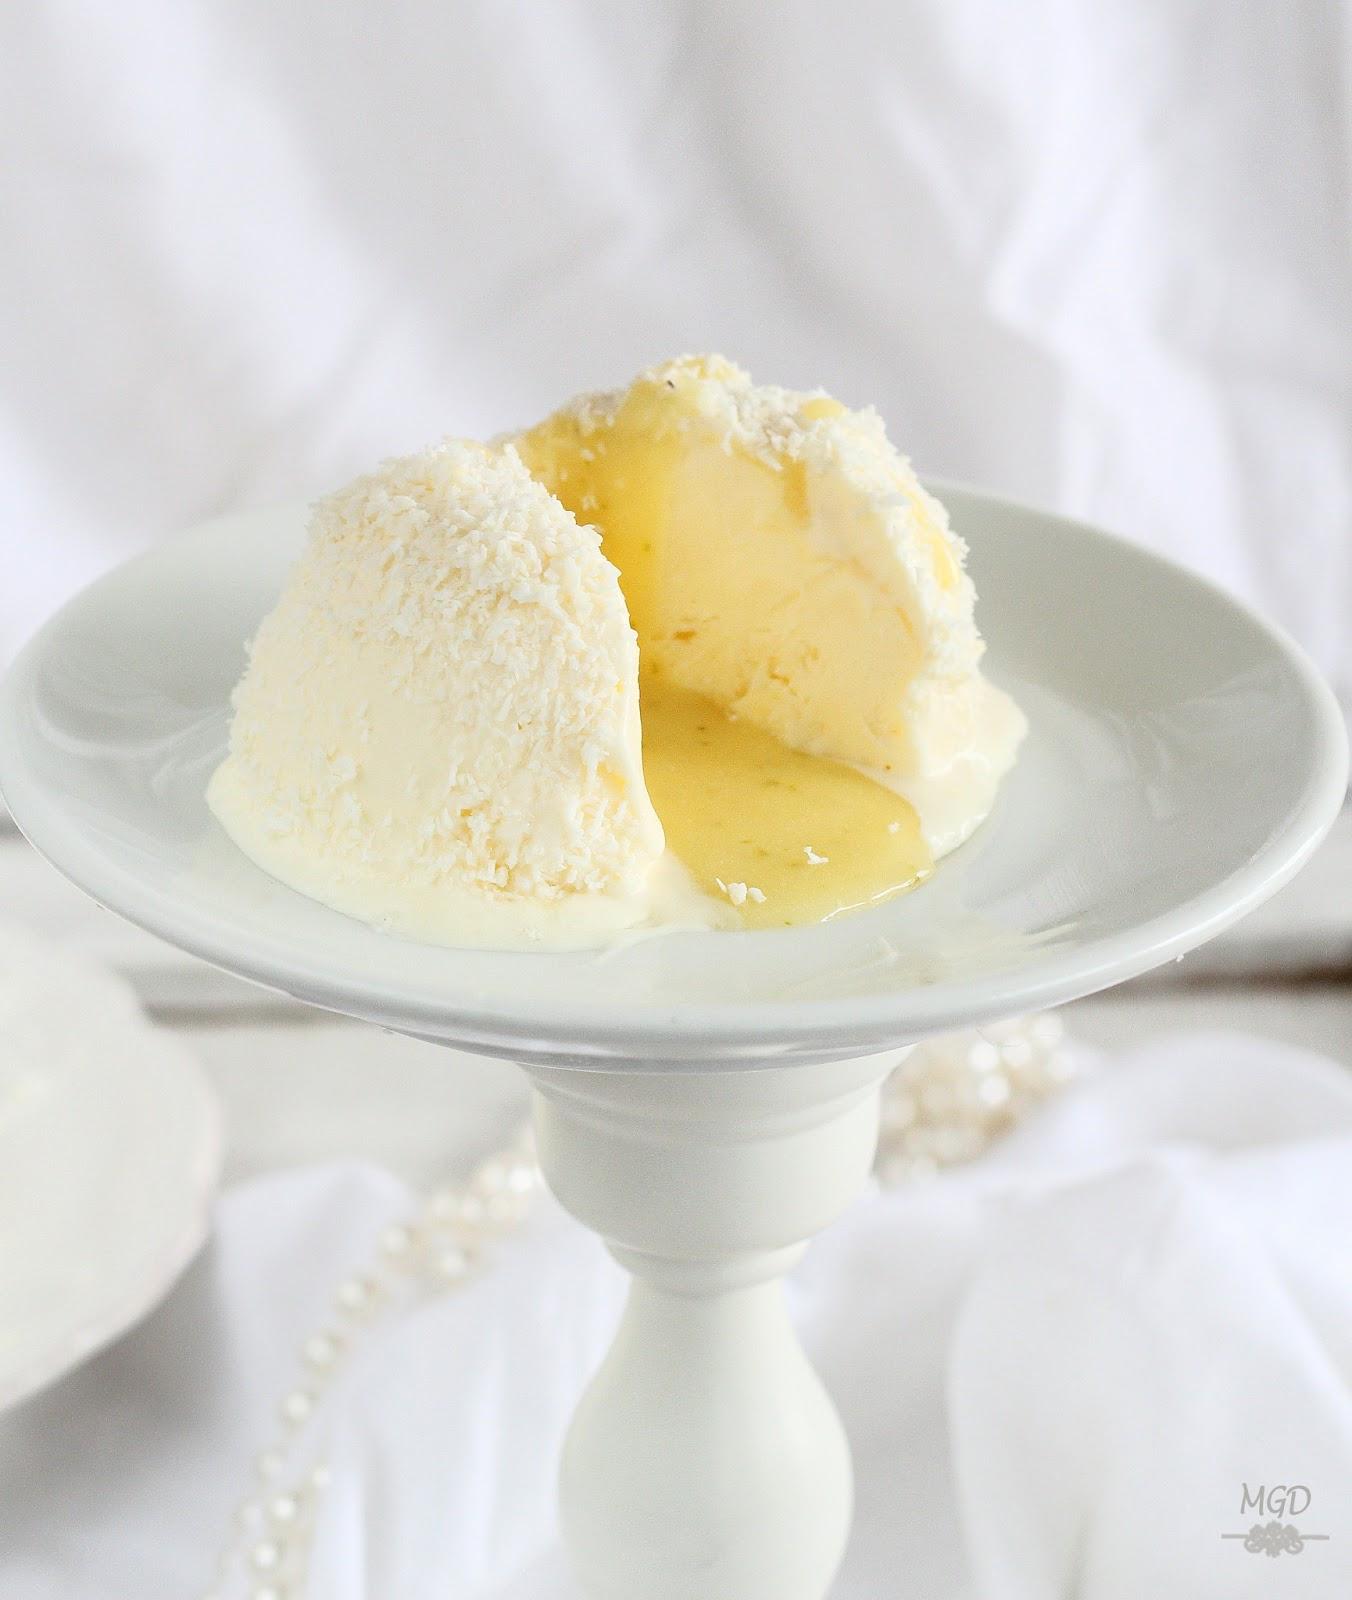 Tarta helada rellena de lima curd mi gran diversion